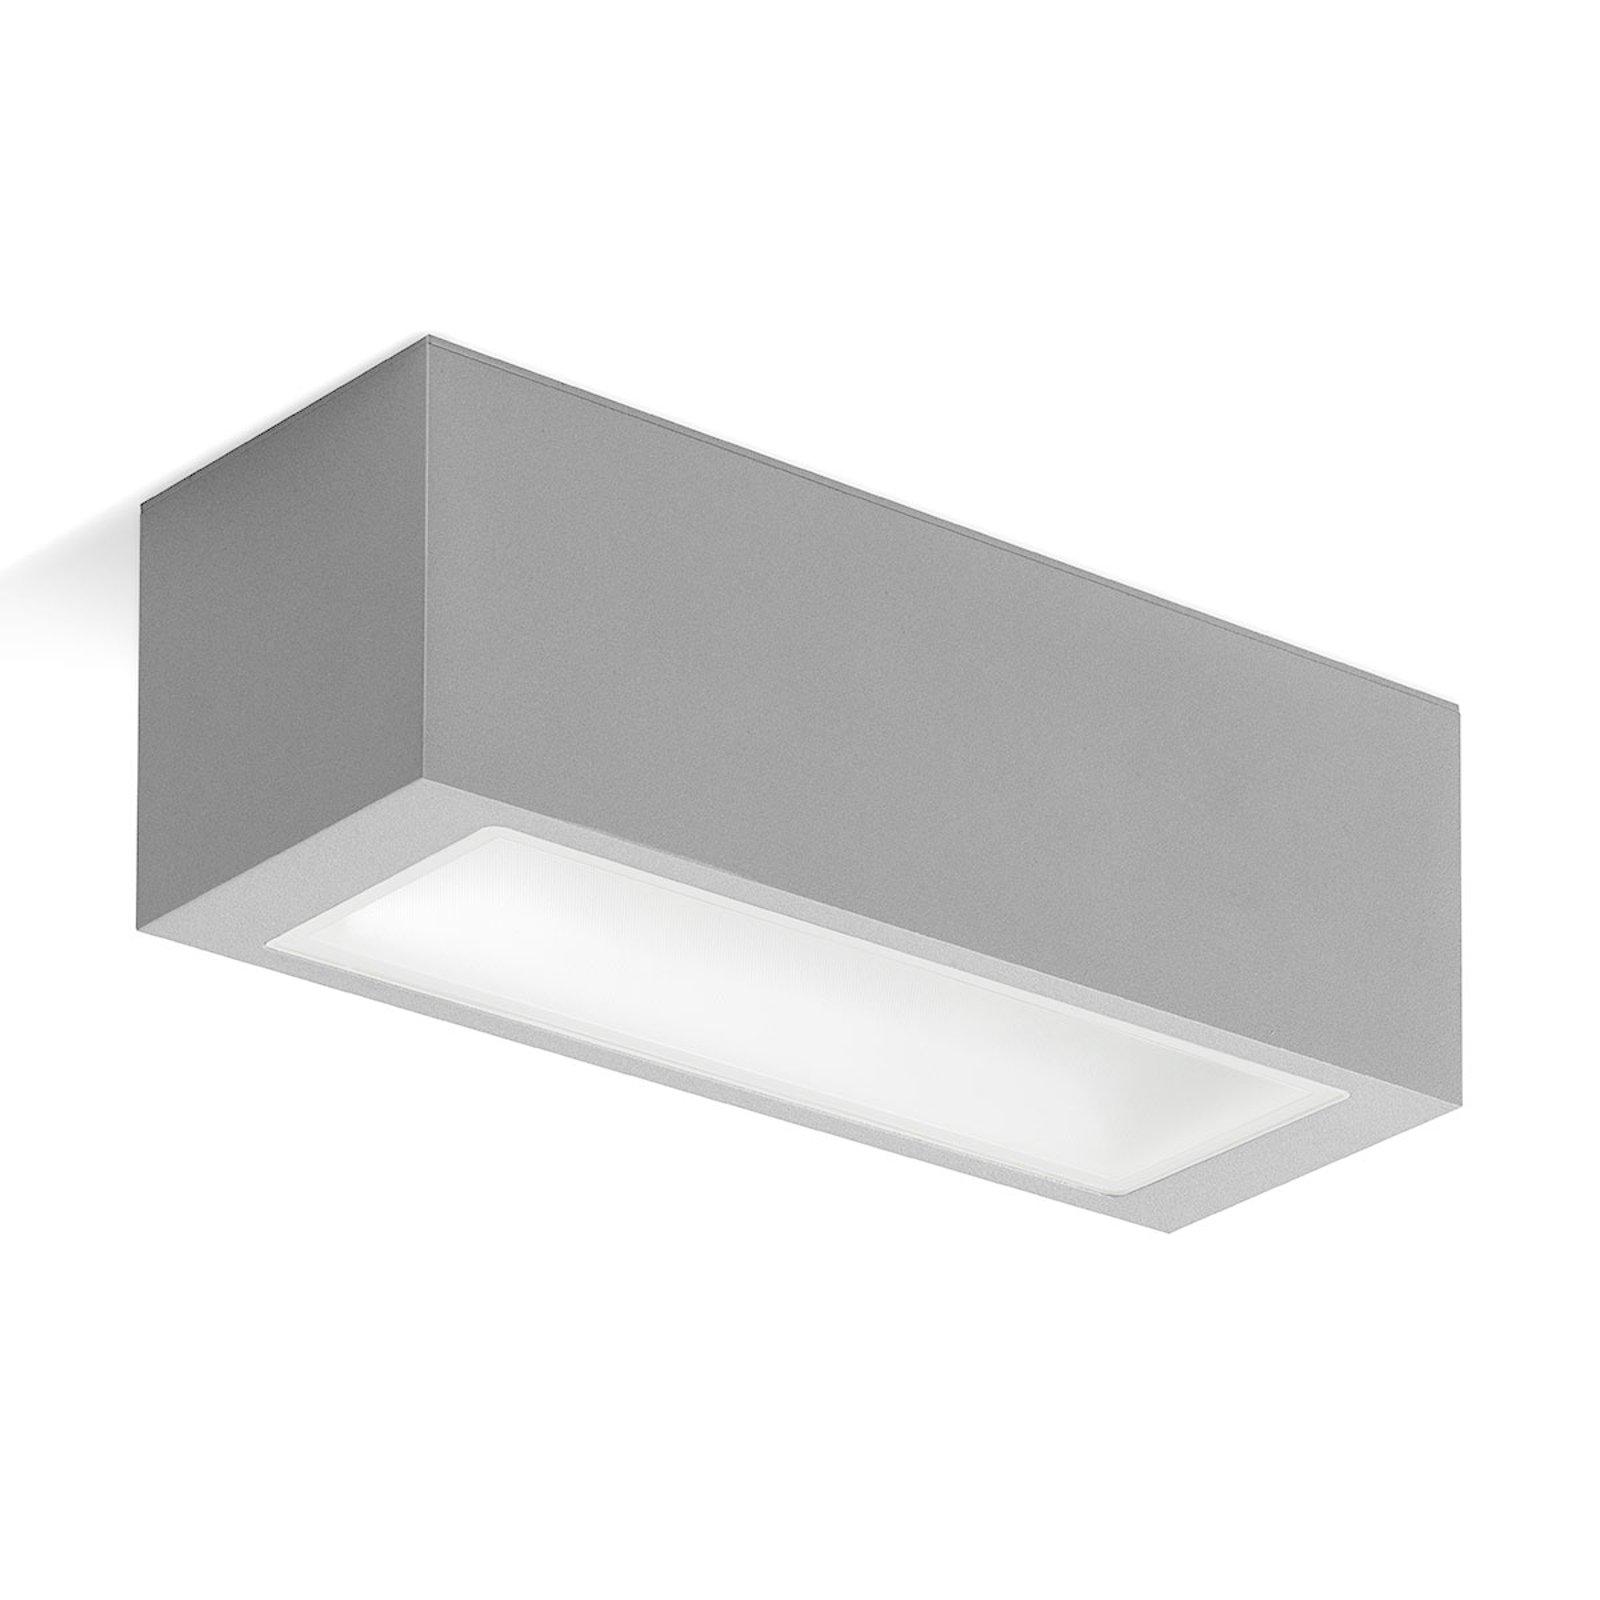 LED-vegglampe 303554, optisk asymmetrisk 3 000 K